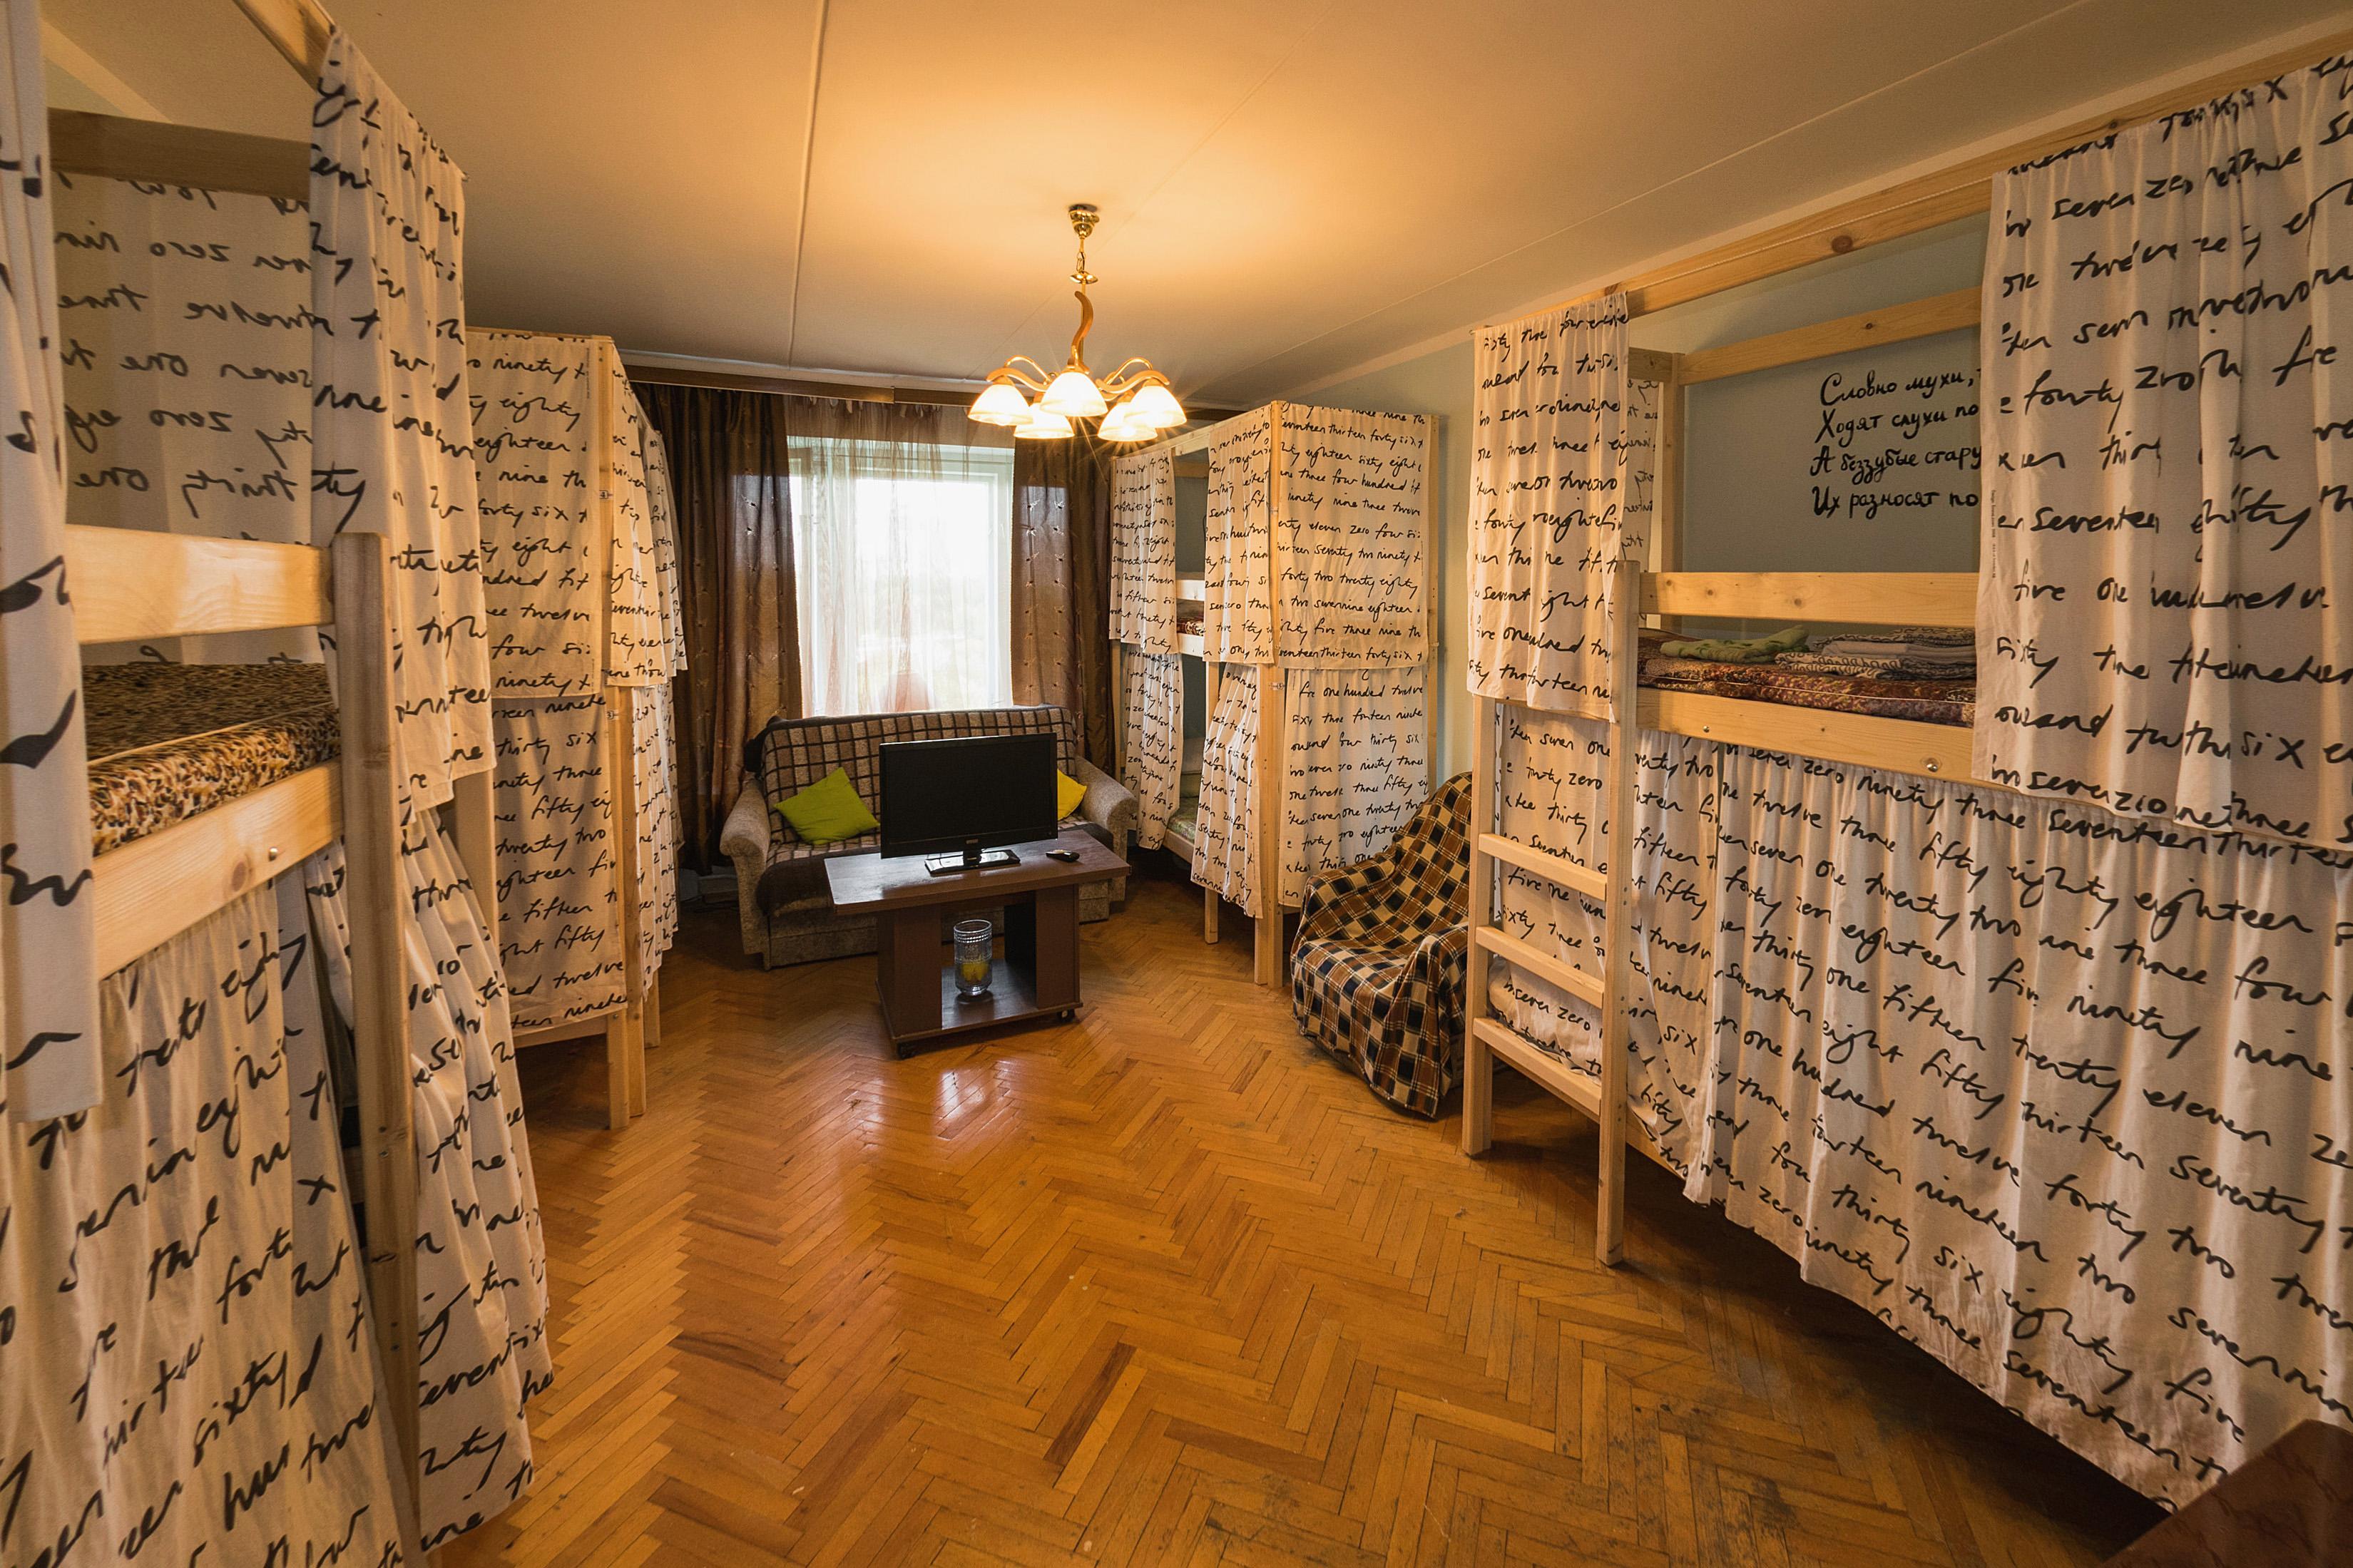 Хостели Москвы — полный обзор доступных вариантов